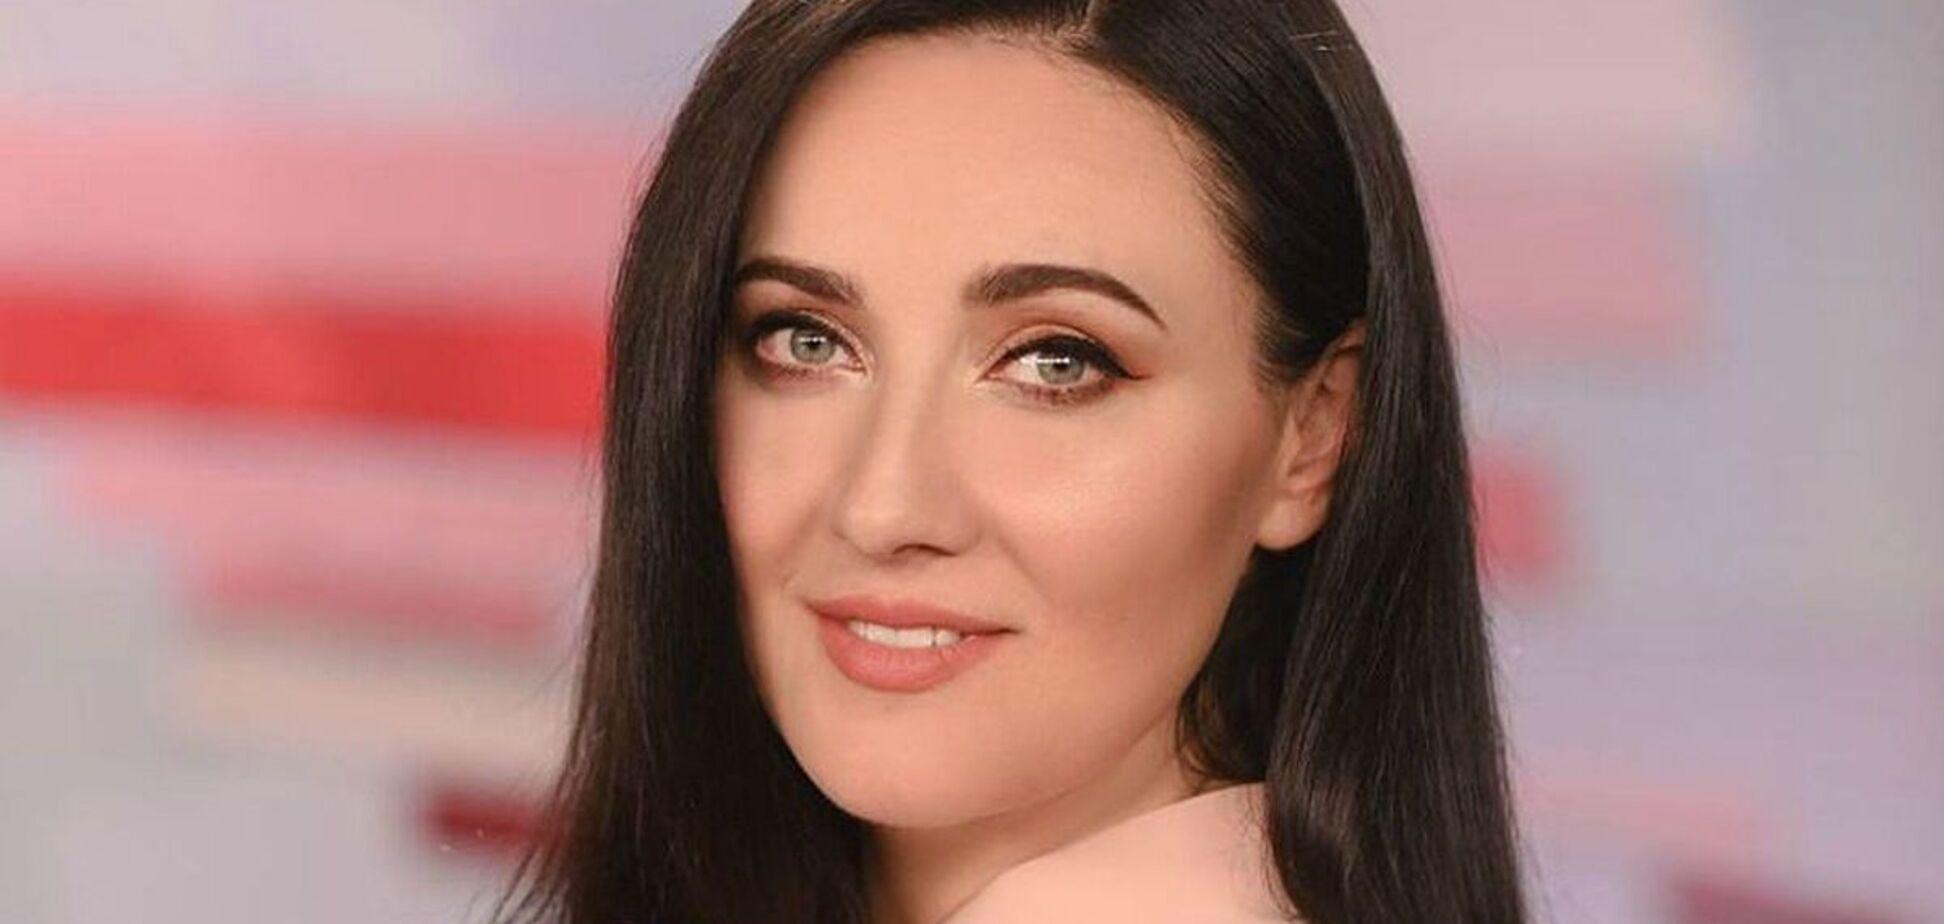 Телеведущая Витвицкая впервые показала пострадавшее в аварии лицо без грима